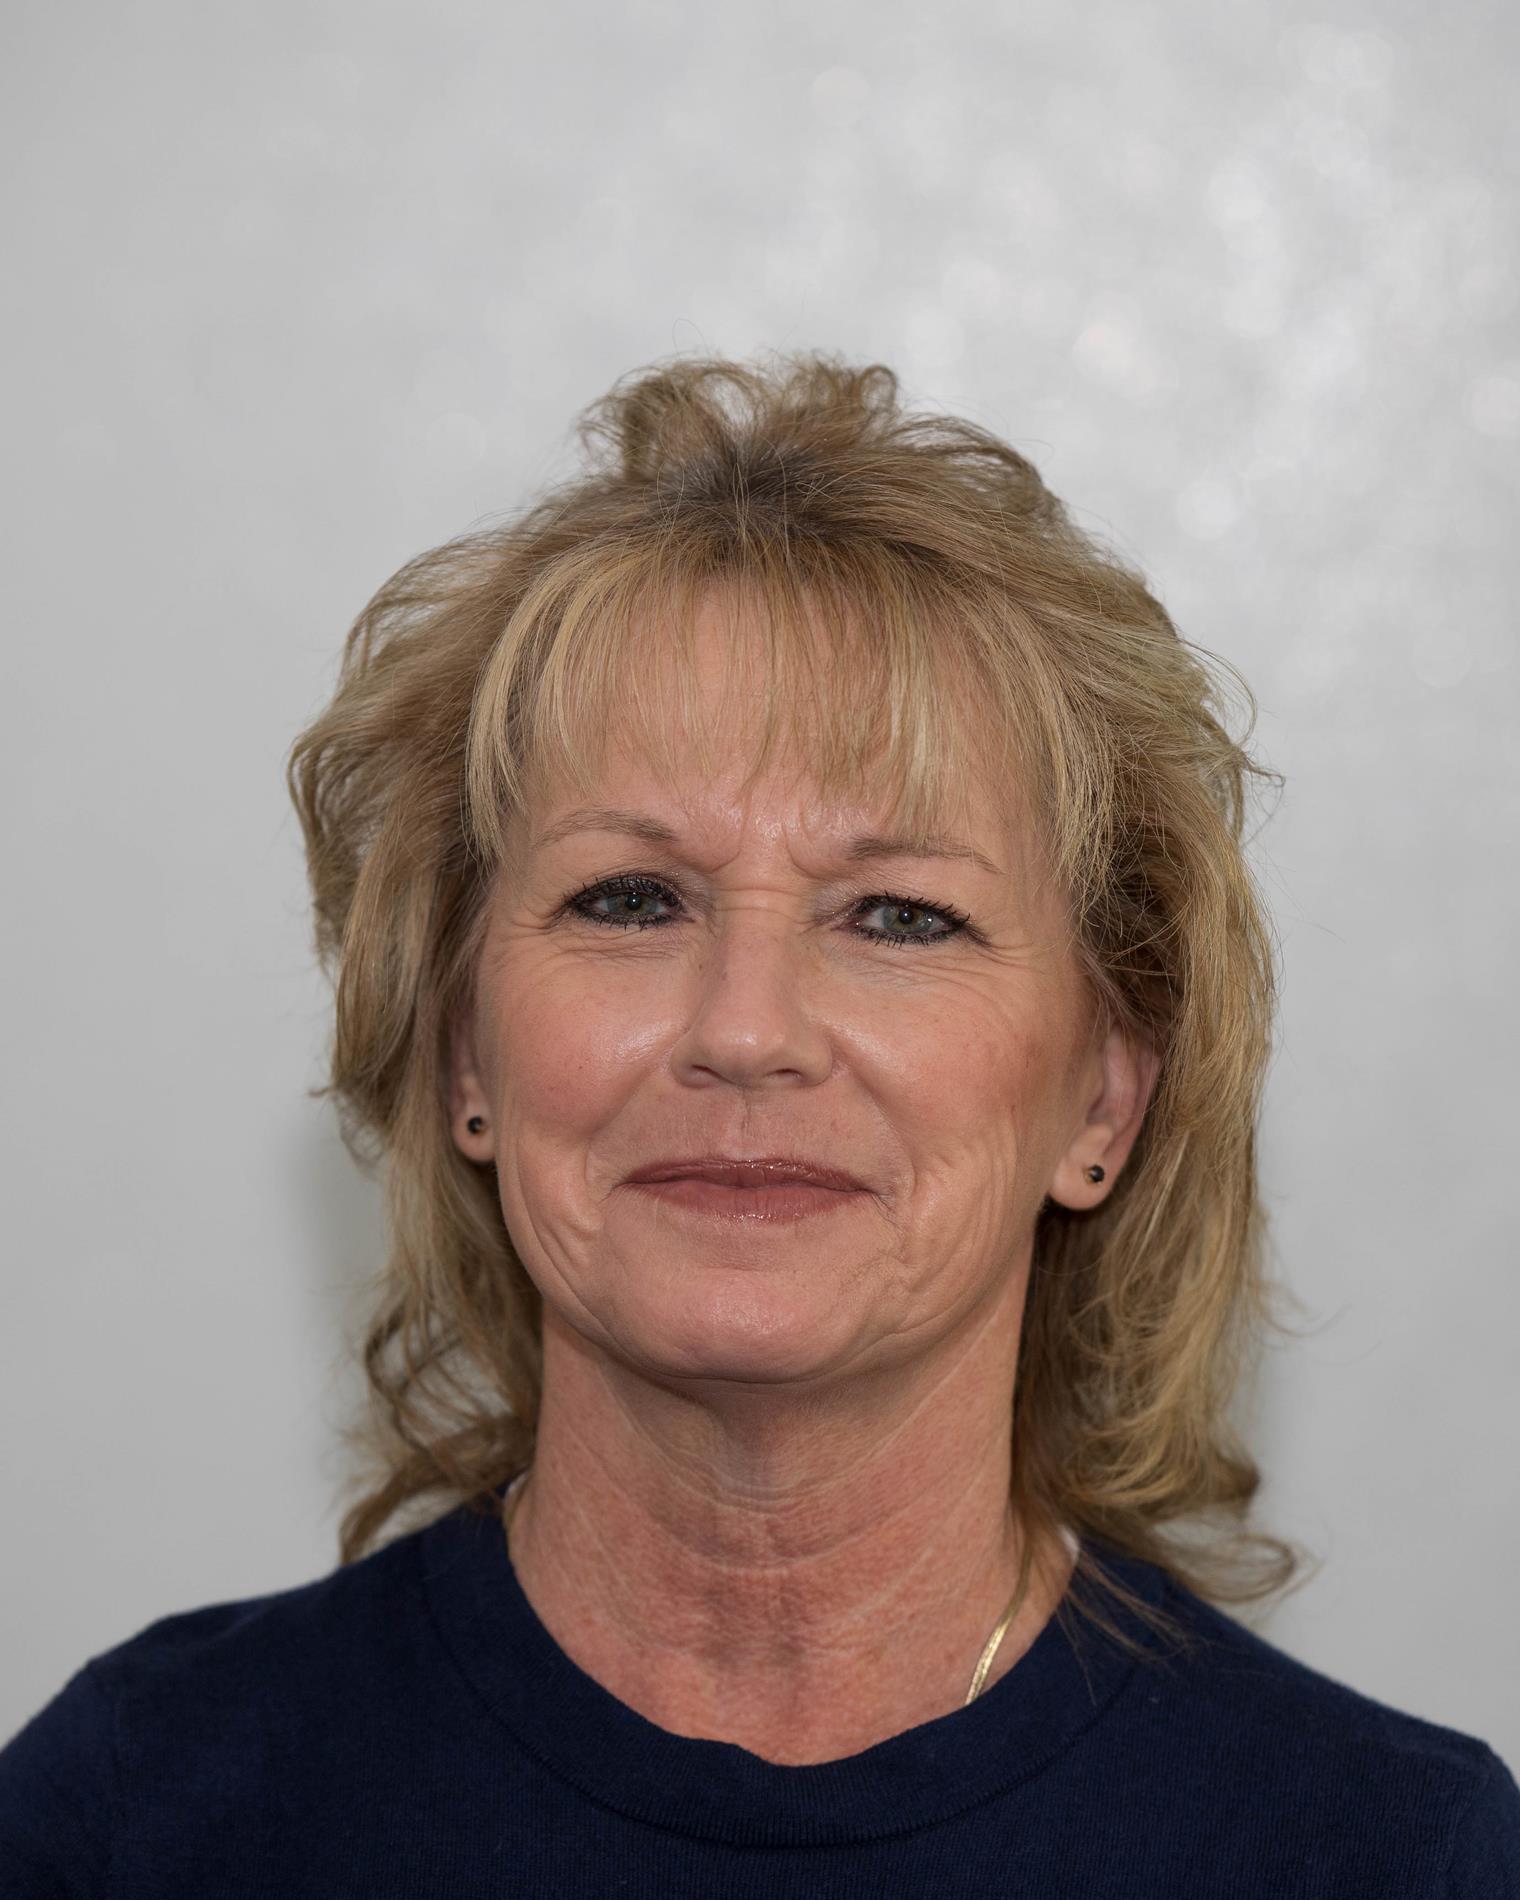 Lori Harring